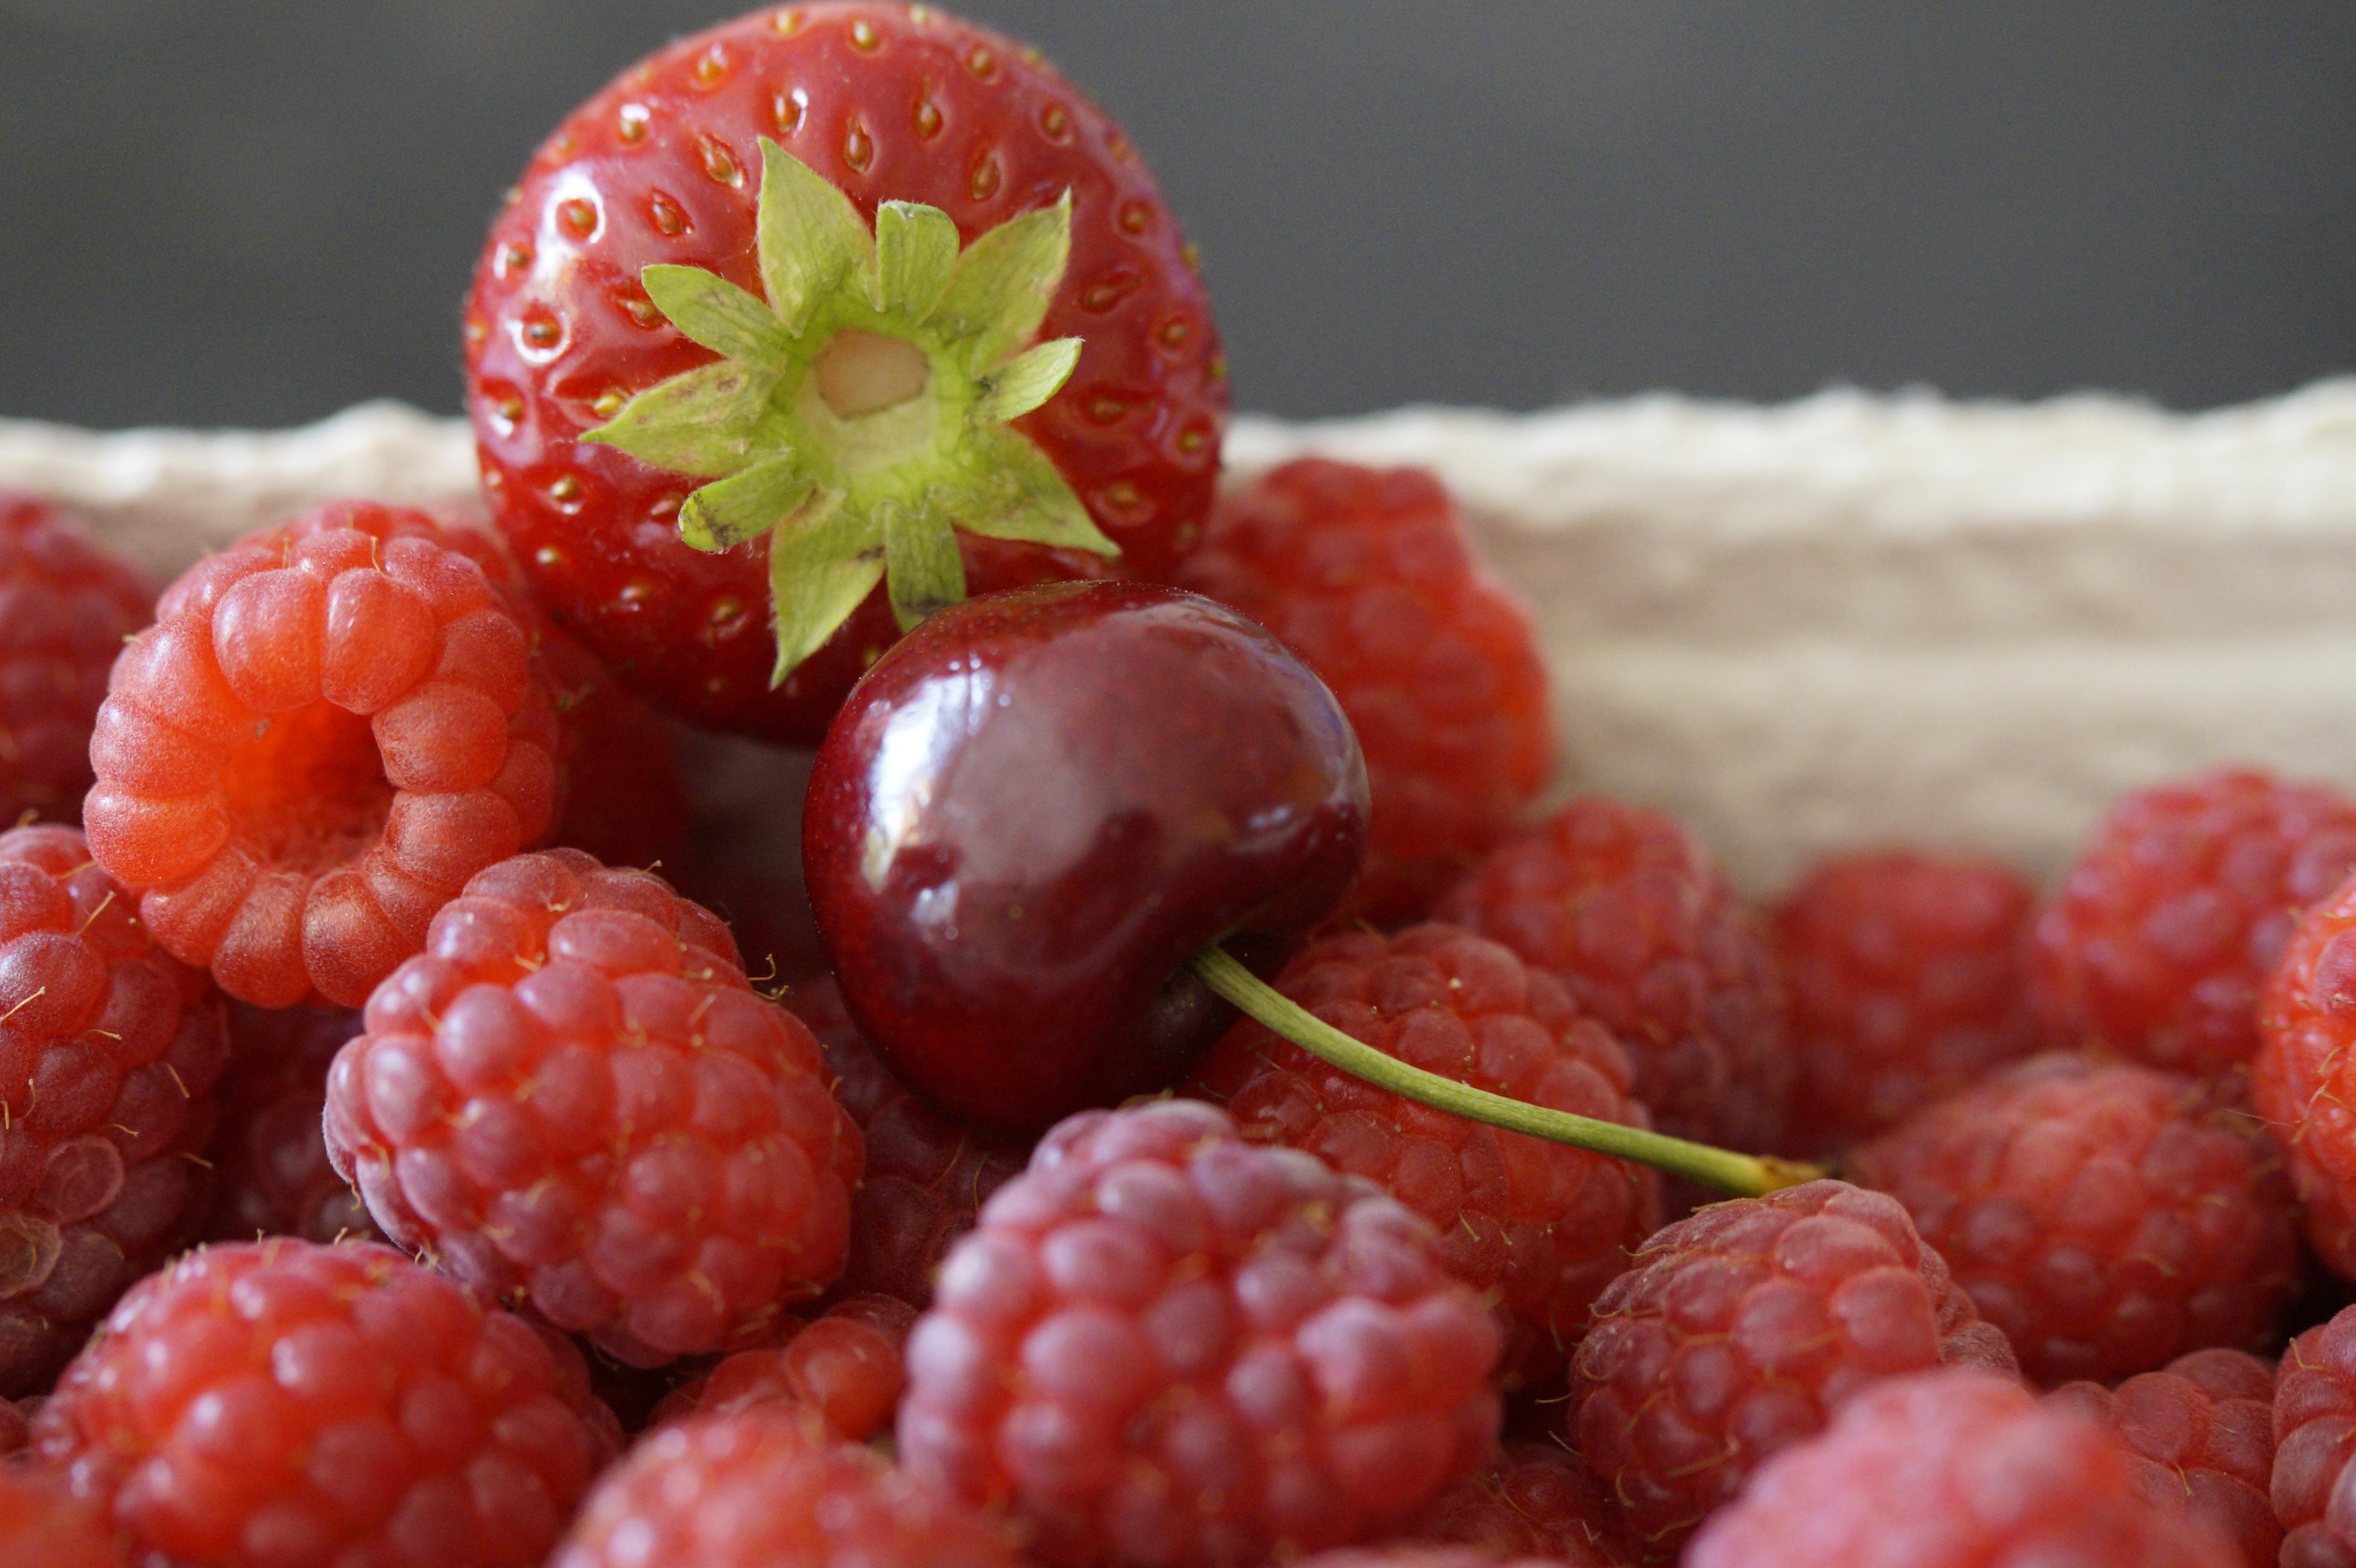 картинки с ягодами на рабочий стол красивые